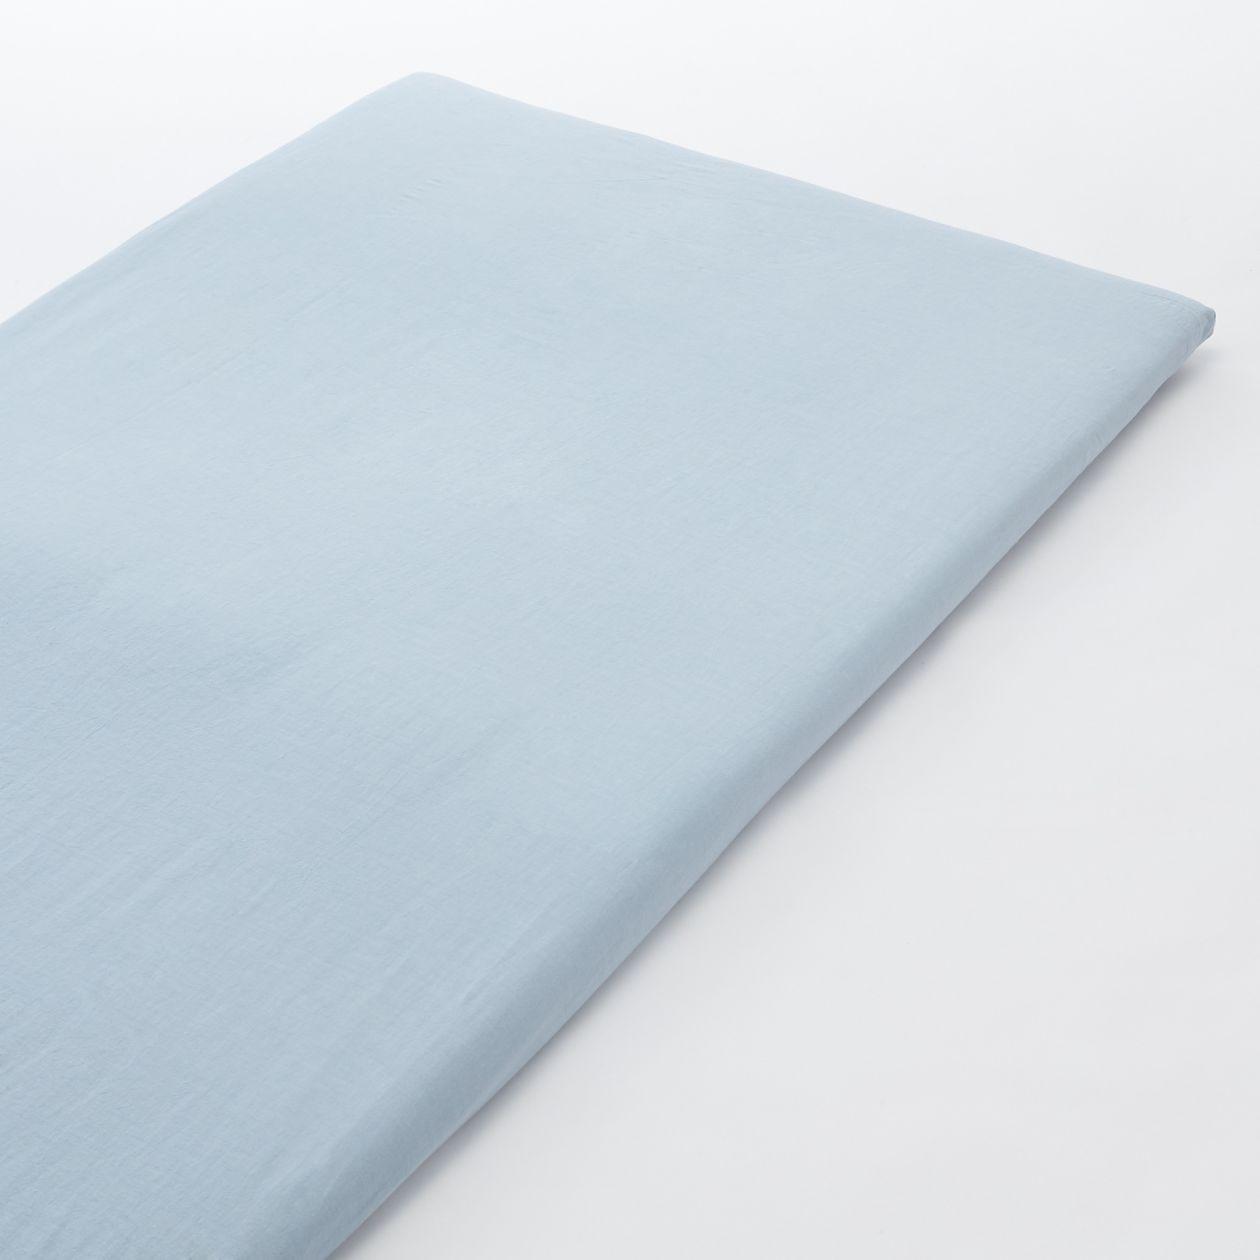 綿洗いざらし敷ふとんシーツ・ゴム付き・D/ライトブルー